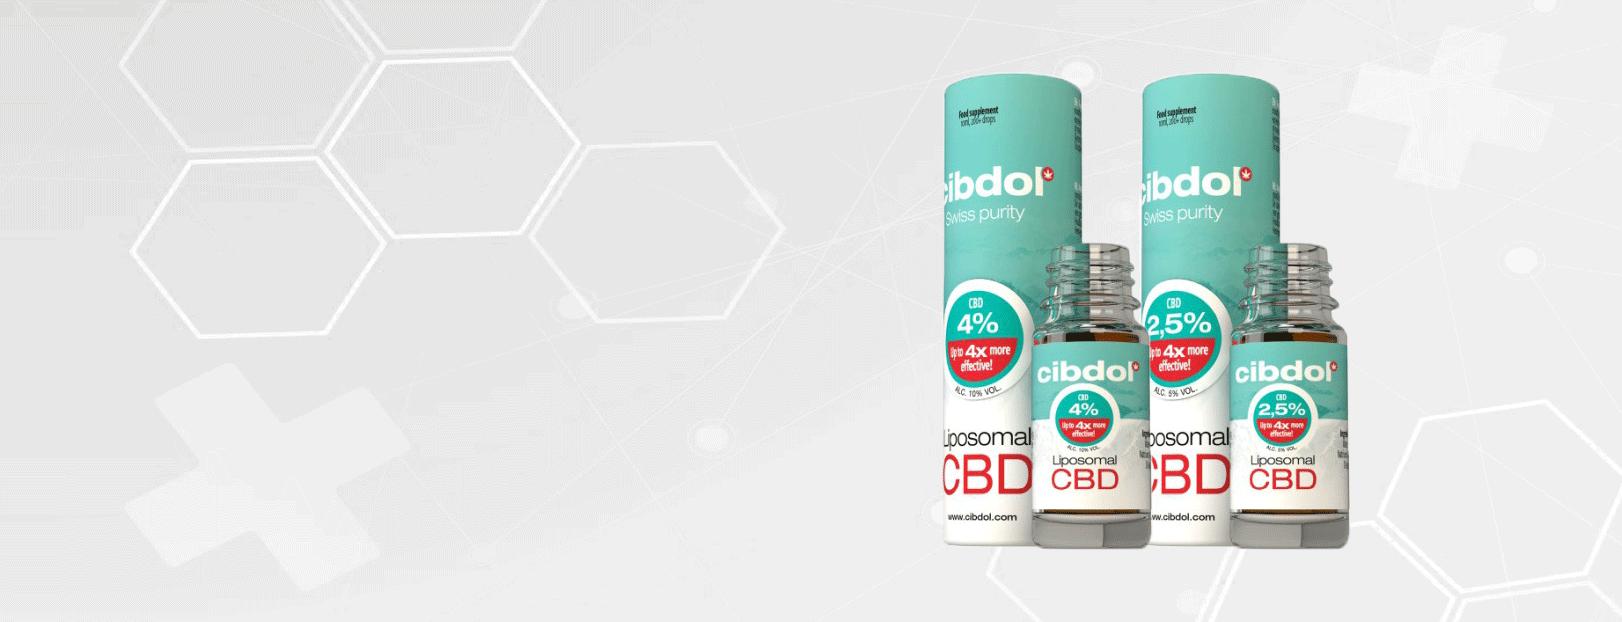 Cibdol Liposomal CBD OIL